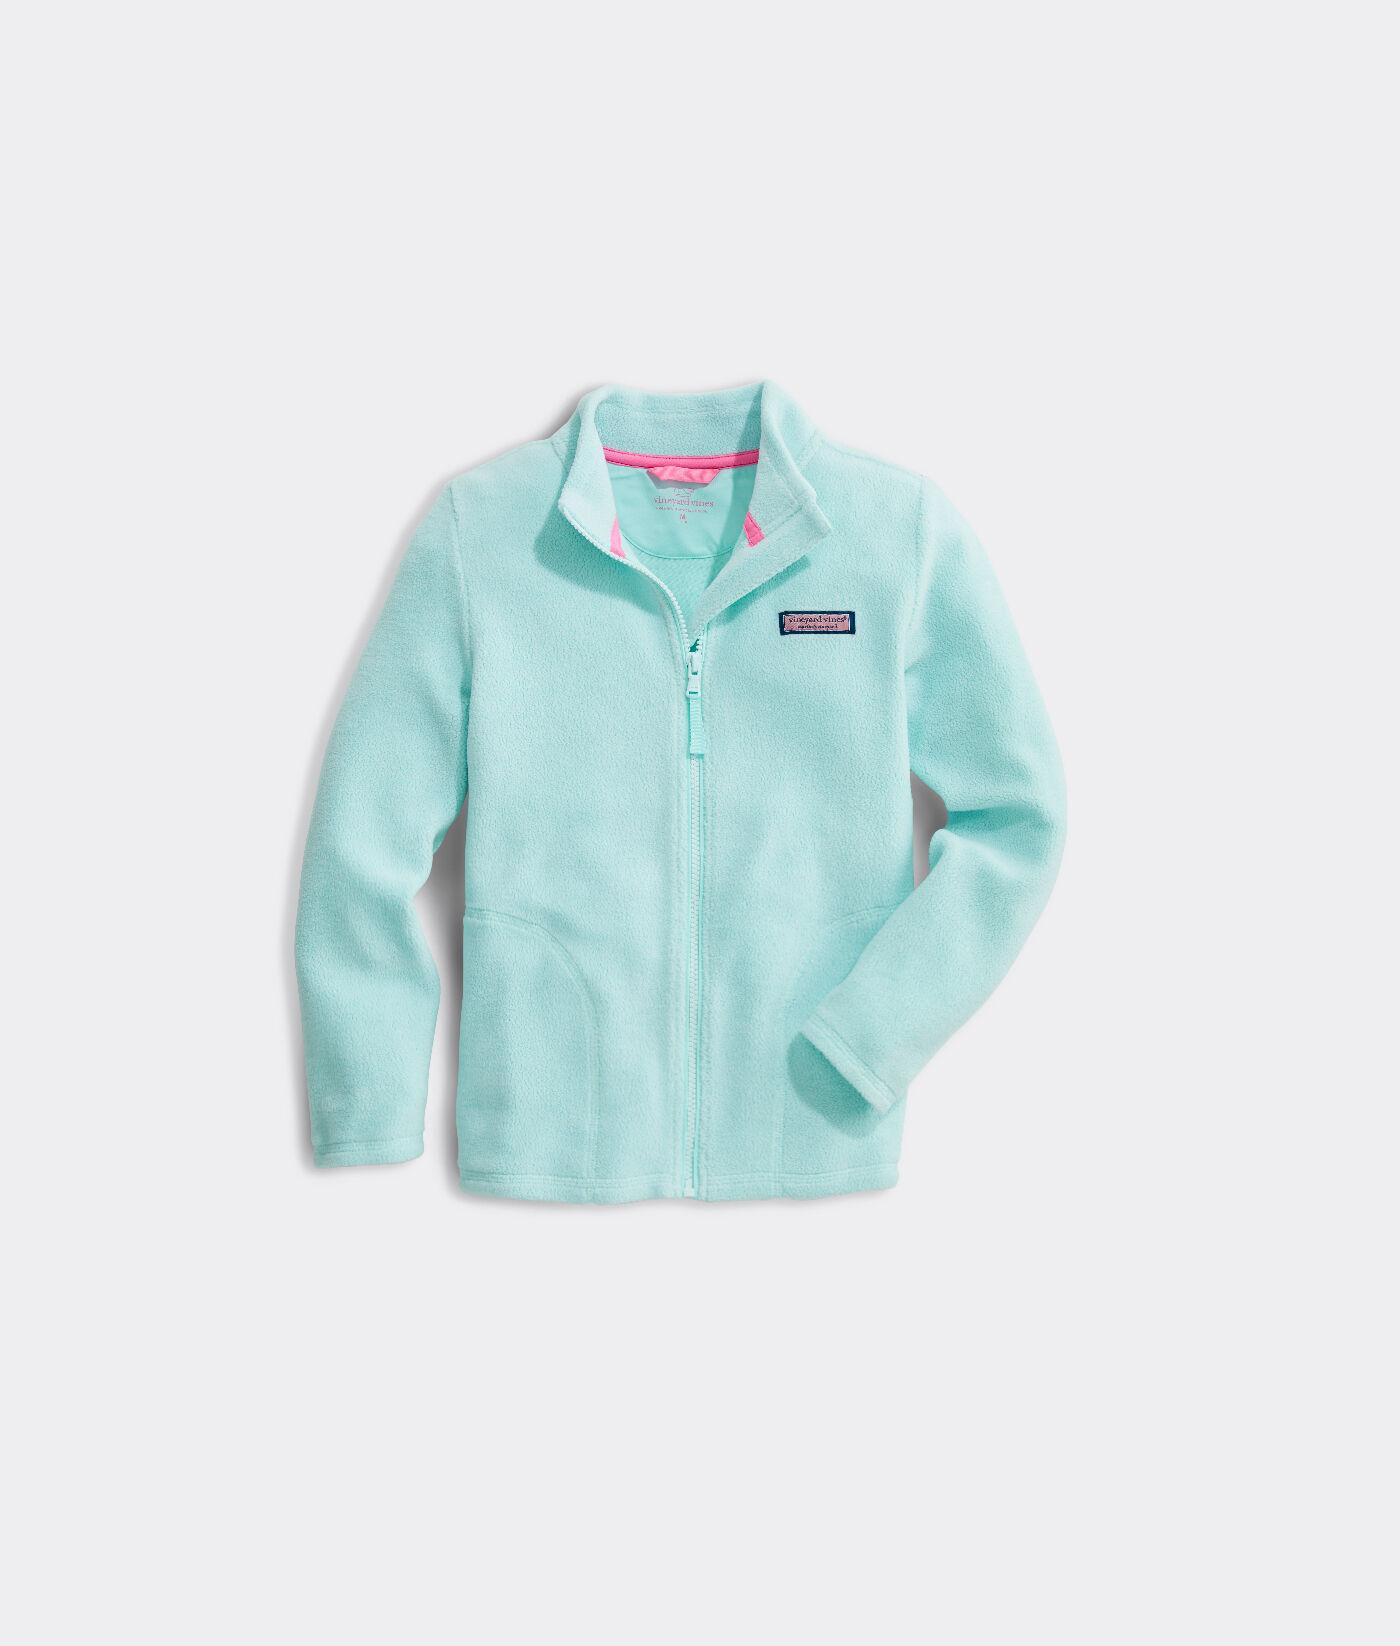 Essentials Girls Polar Fleece Full-Zip Mock Jackets